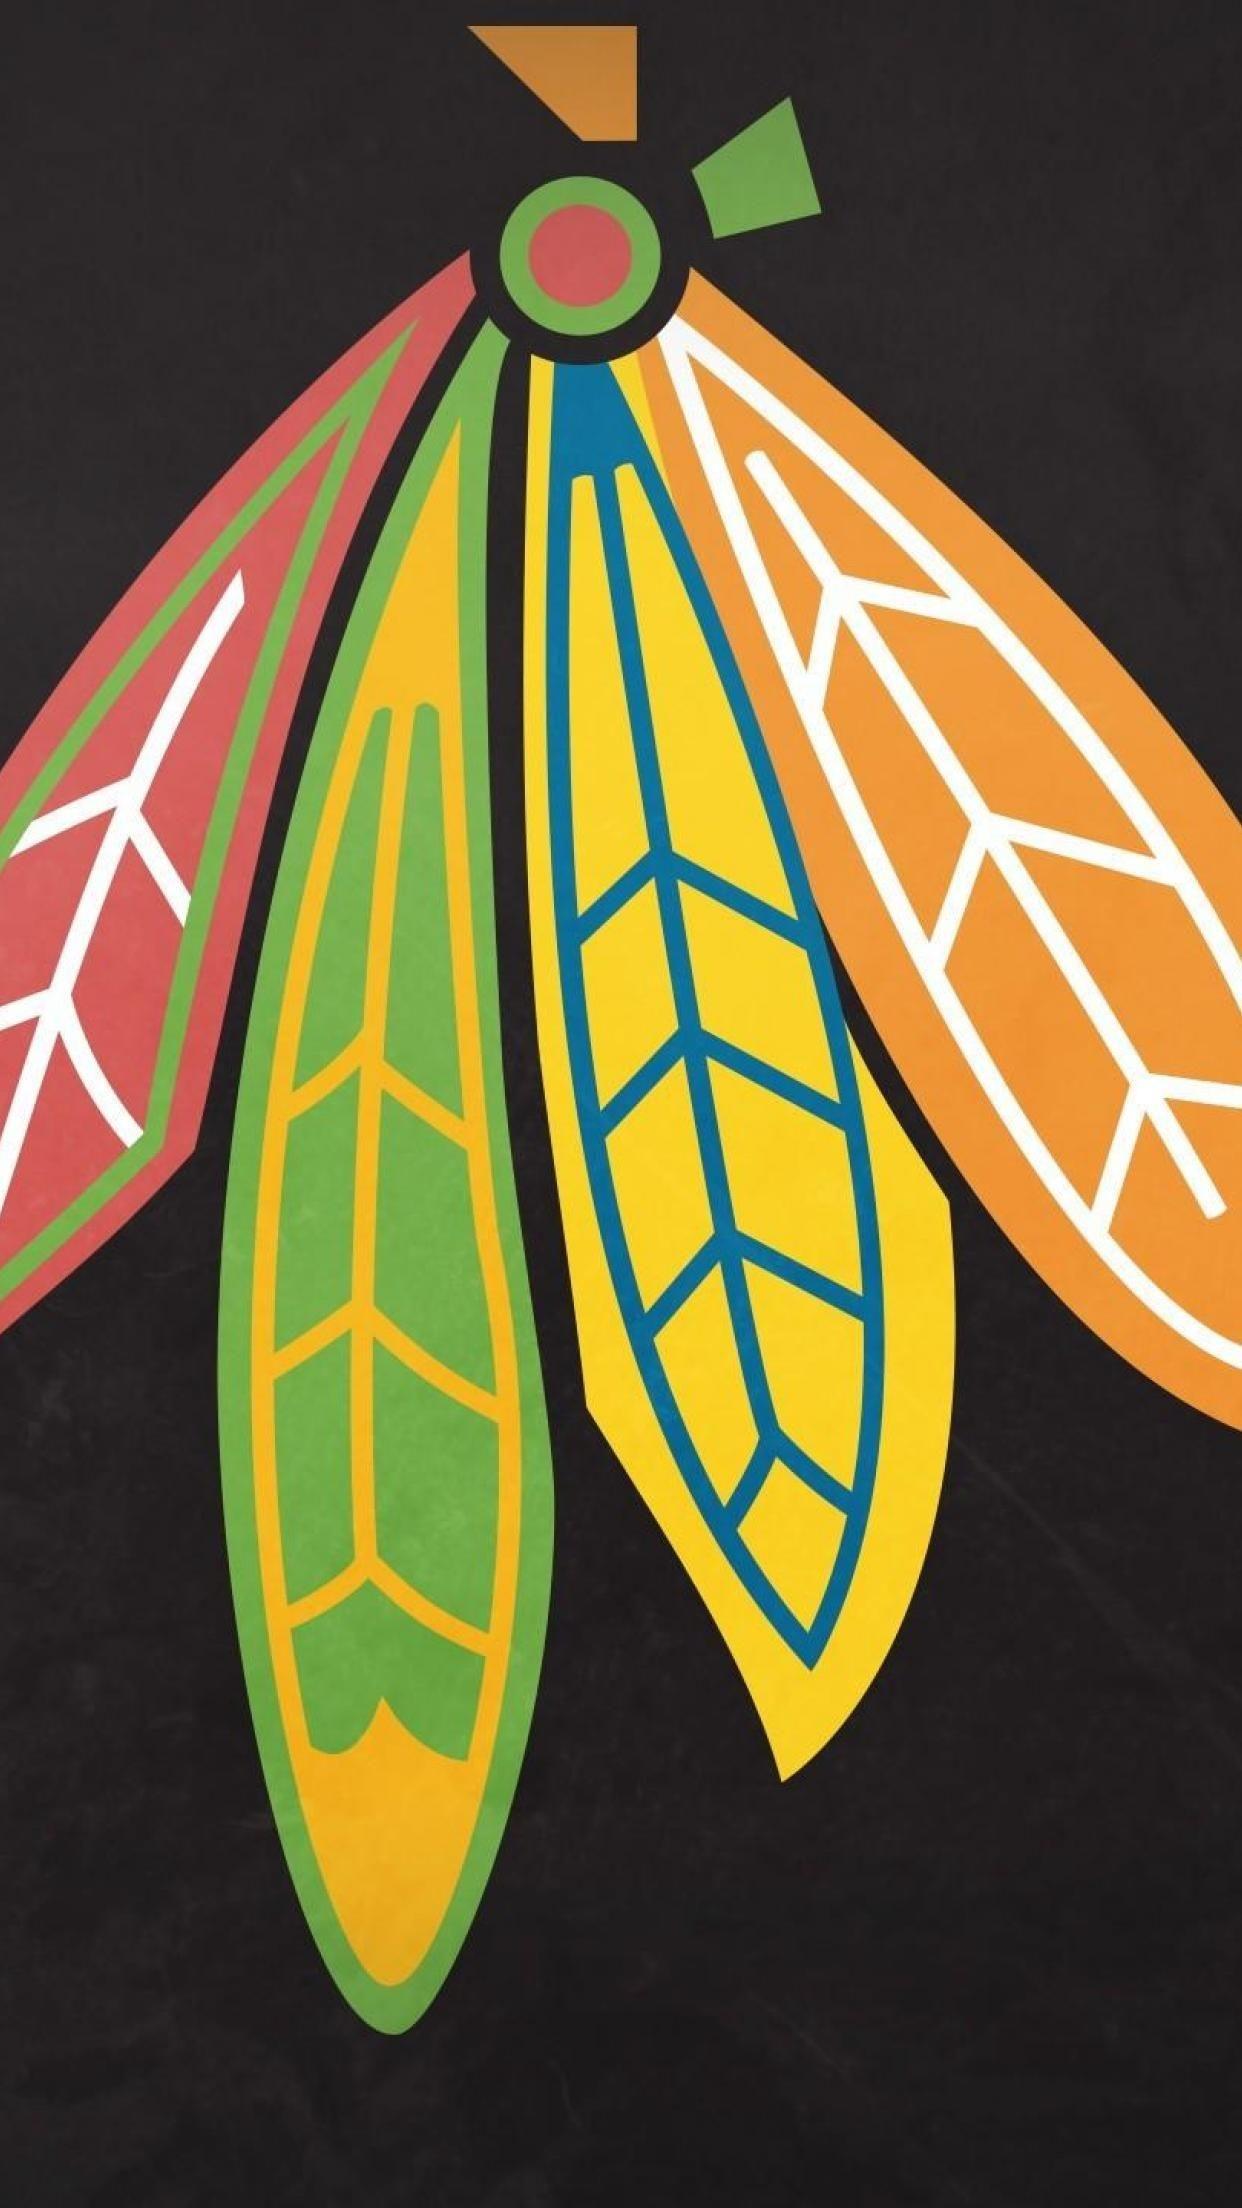 Chicago blackhawks Hockey hockey Sports Ice Blackhawks NHL Chicago .